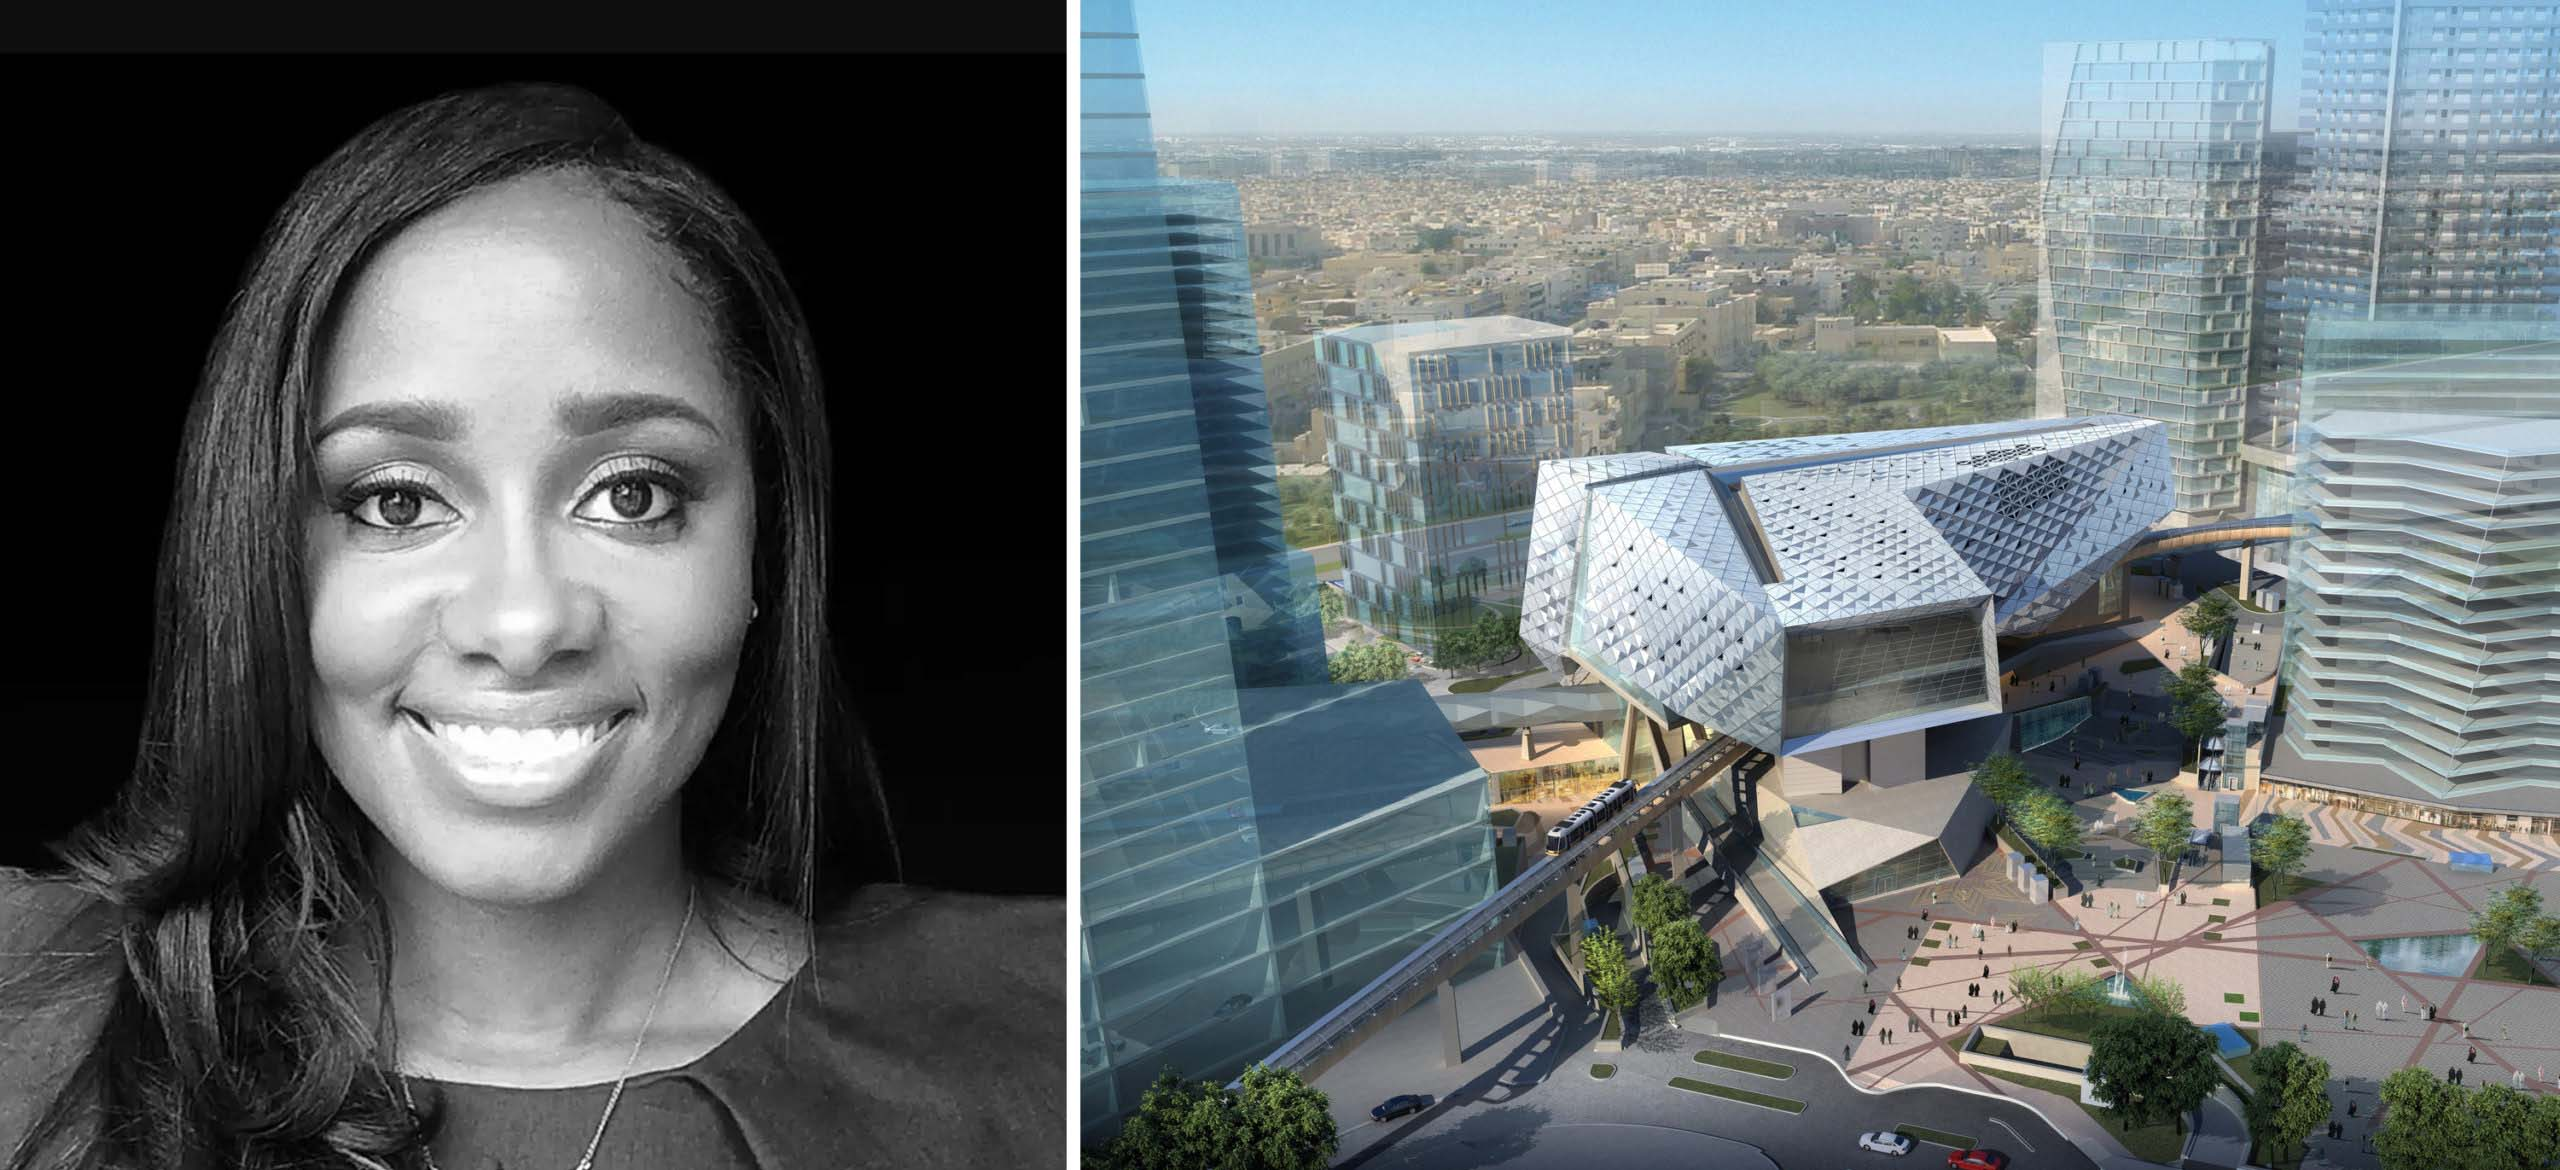 Trái: Pascale Sablan, hình ảnh qua AIA; trái: Bảo tàng Môi trường được Xây dựng bởi FXCollaborative Architects, Riyadh, Saudi Arabia; hình ảnh của FXCollaborative Architects